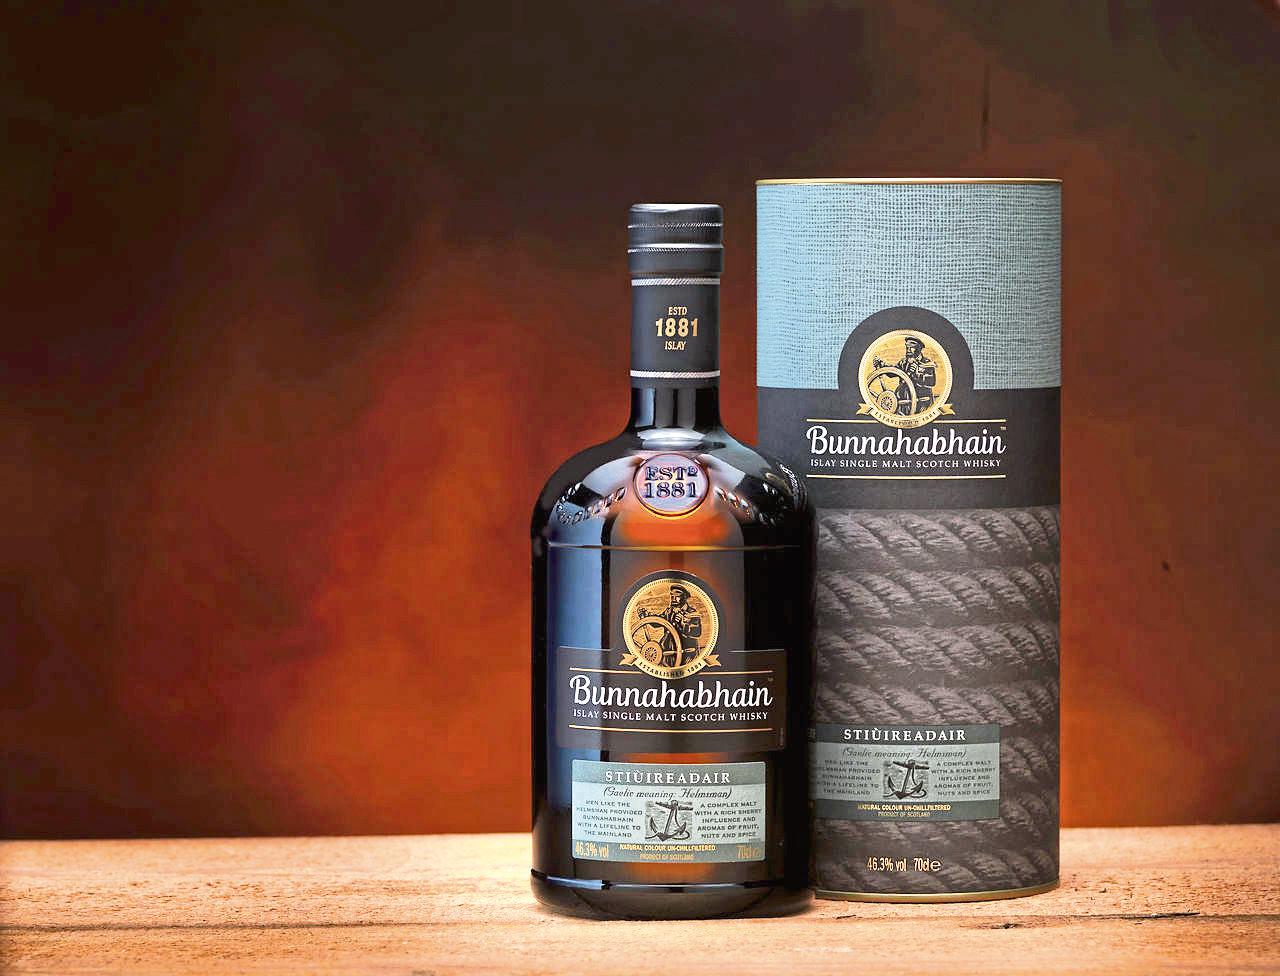 Bunnahabhain Stiùireadair whisky.